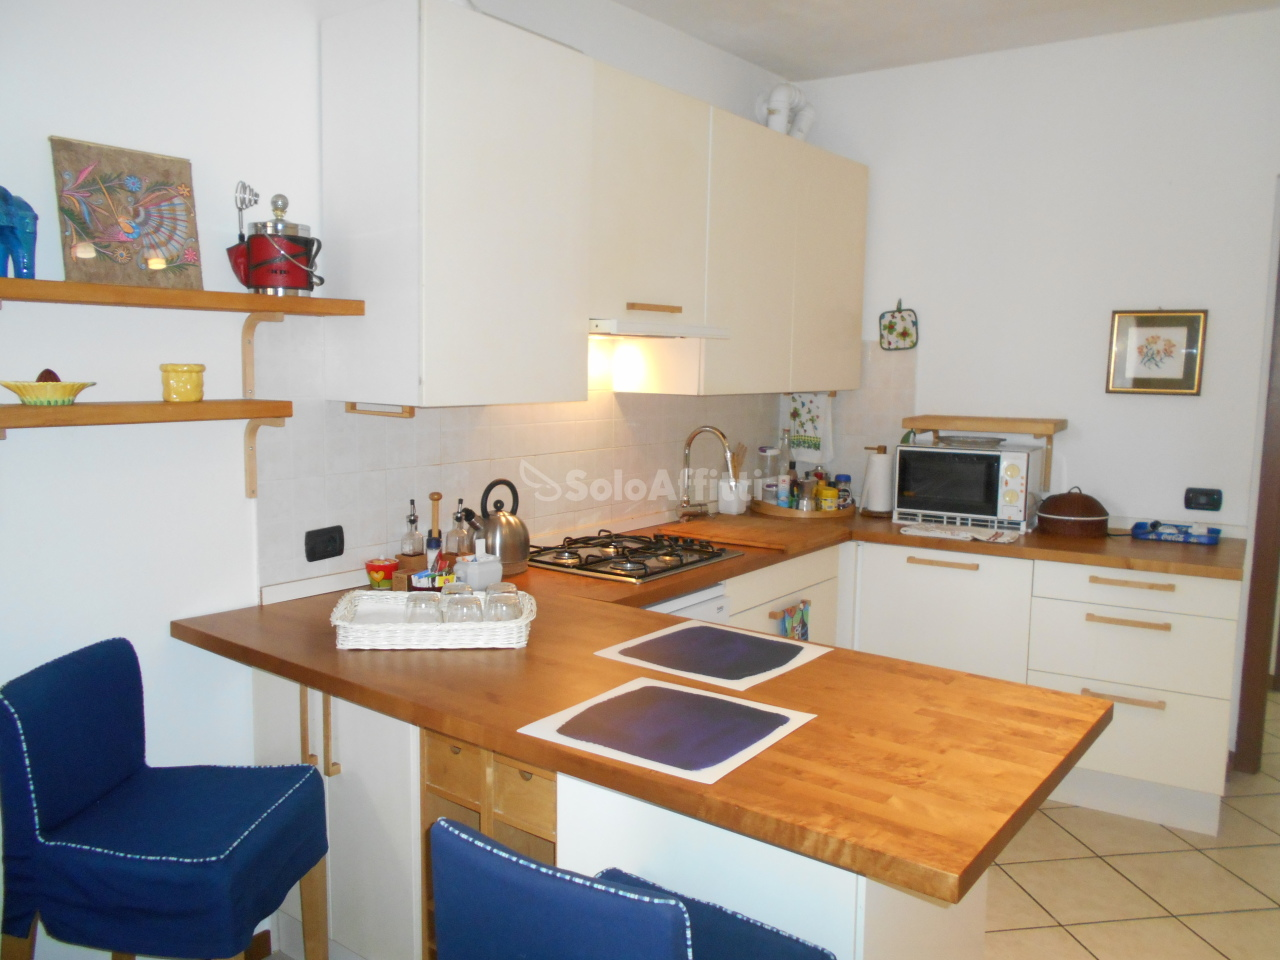 Appartamento in affitto a Carimate, 3 locali, prezzo € 650 | PortaleAgenzieImmobiliari.it